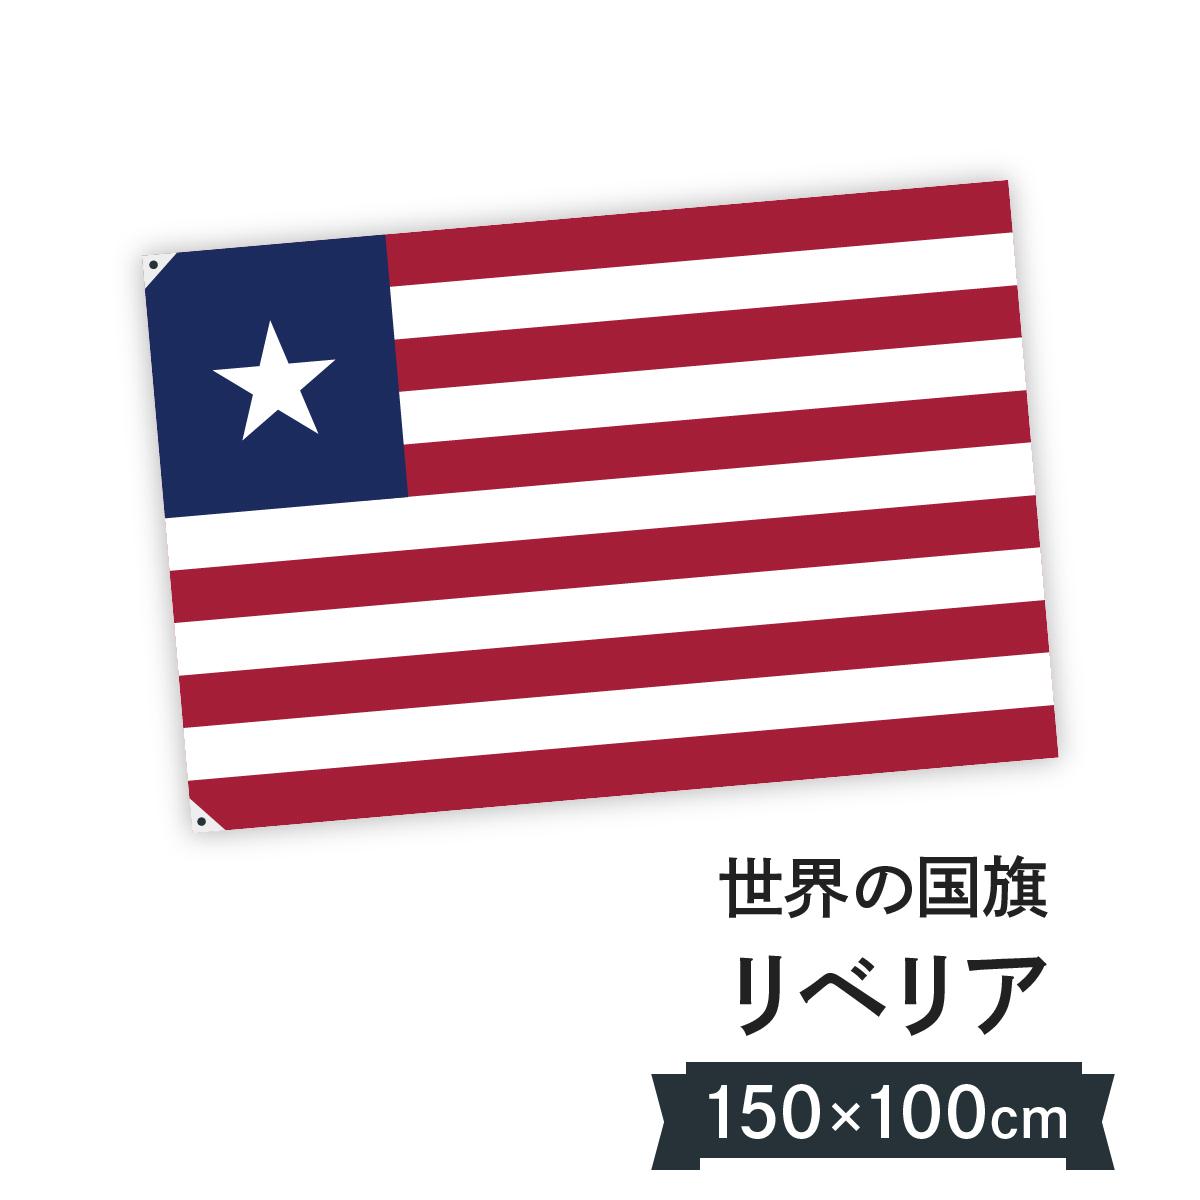 リベリア共和国 国旗 W150cm H100cm